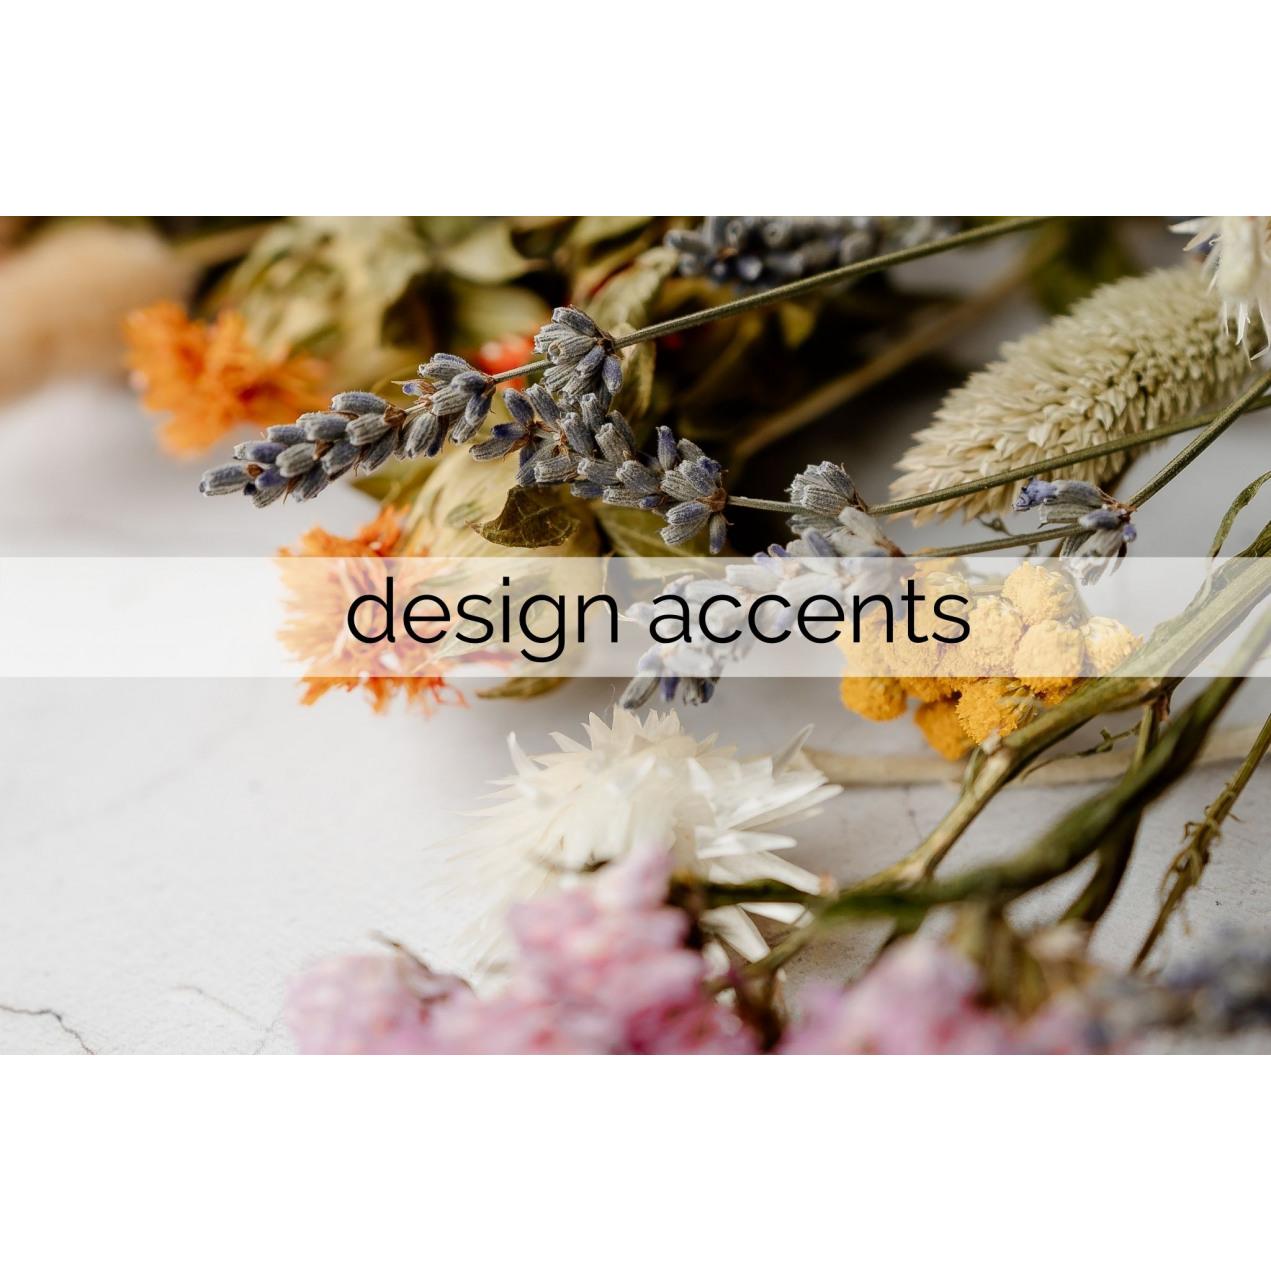 design accents